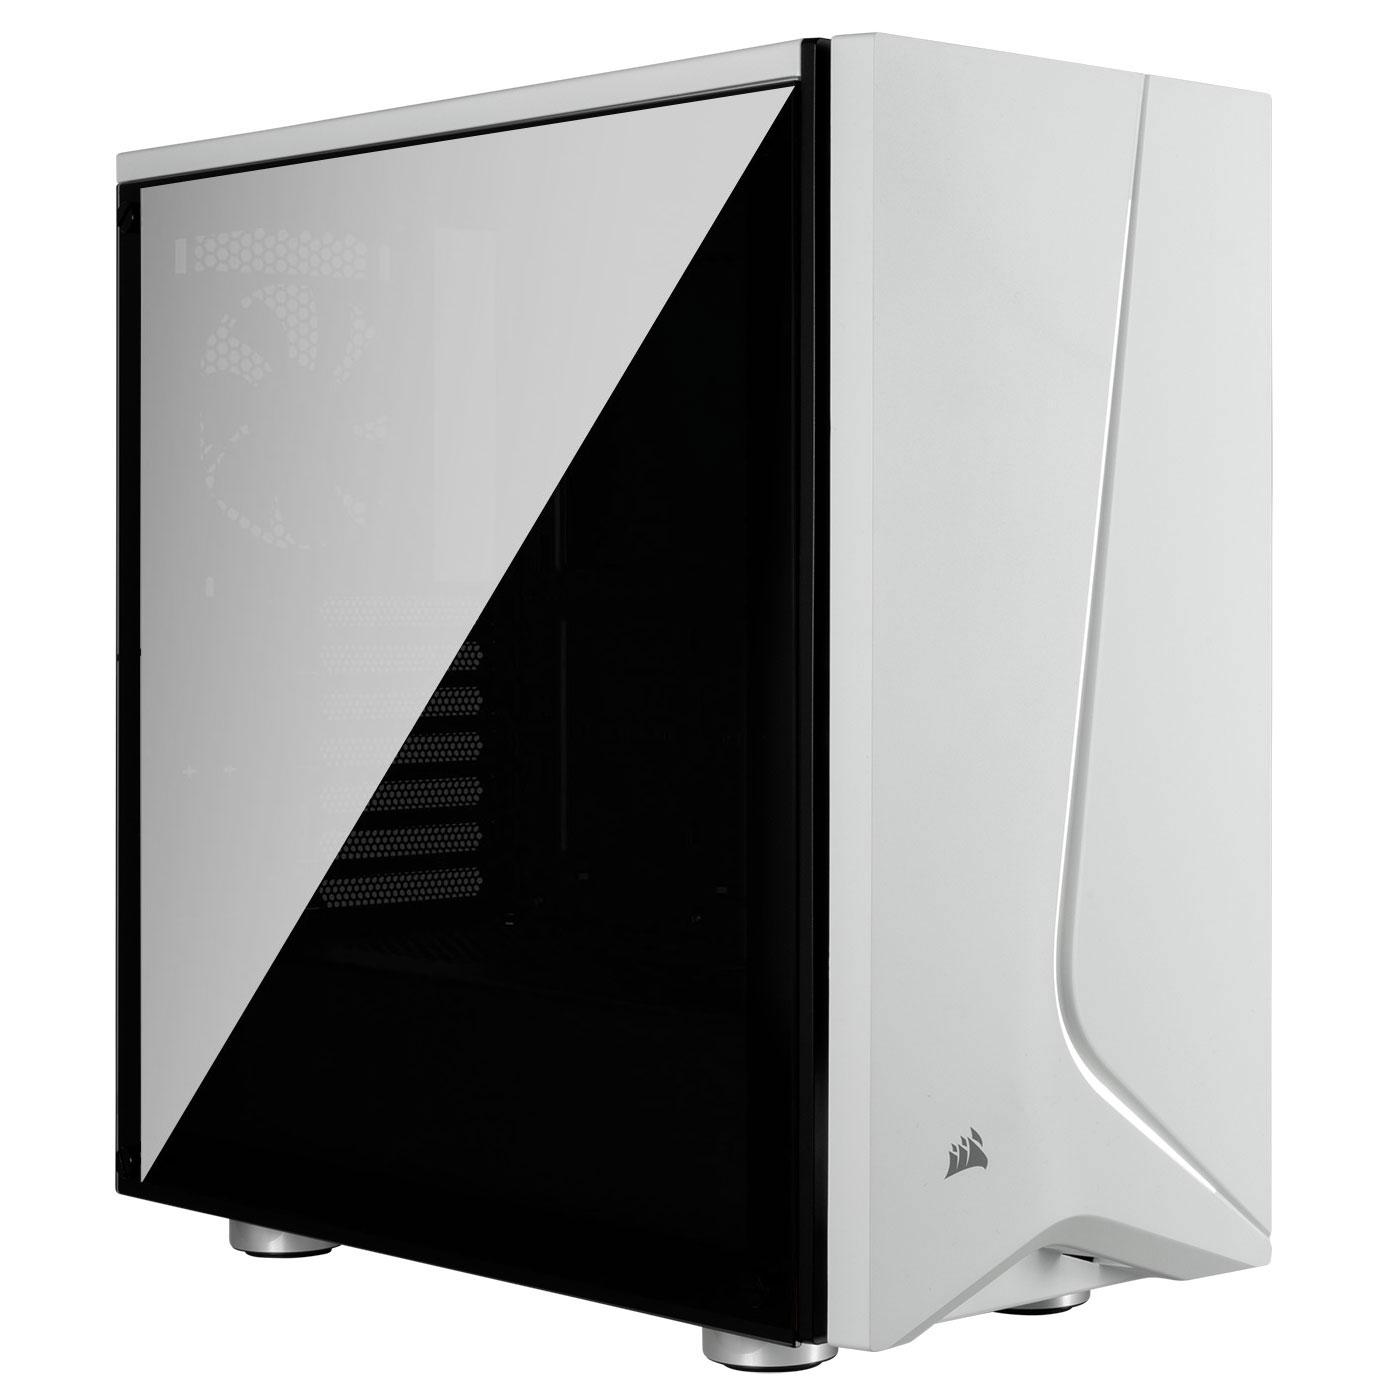 PC de bureau LDLC PC Whatelse Intel Core i3-8100 8 Go SSD 120 Go HDD 1 To NVIDIA GeForce GTX 1060 6Go (sans OS - non monté)